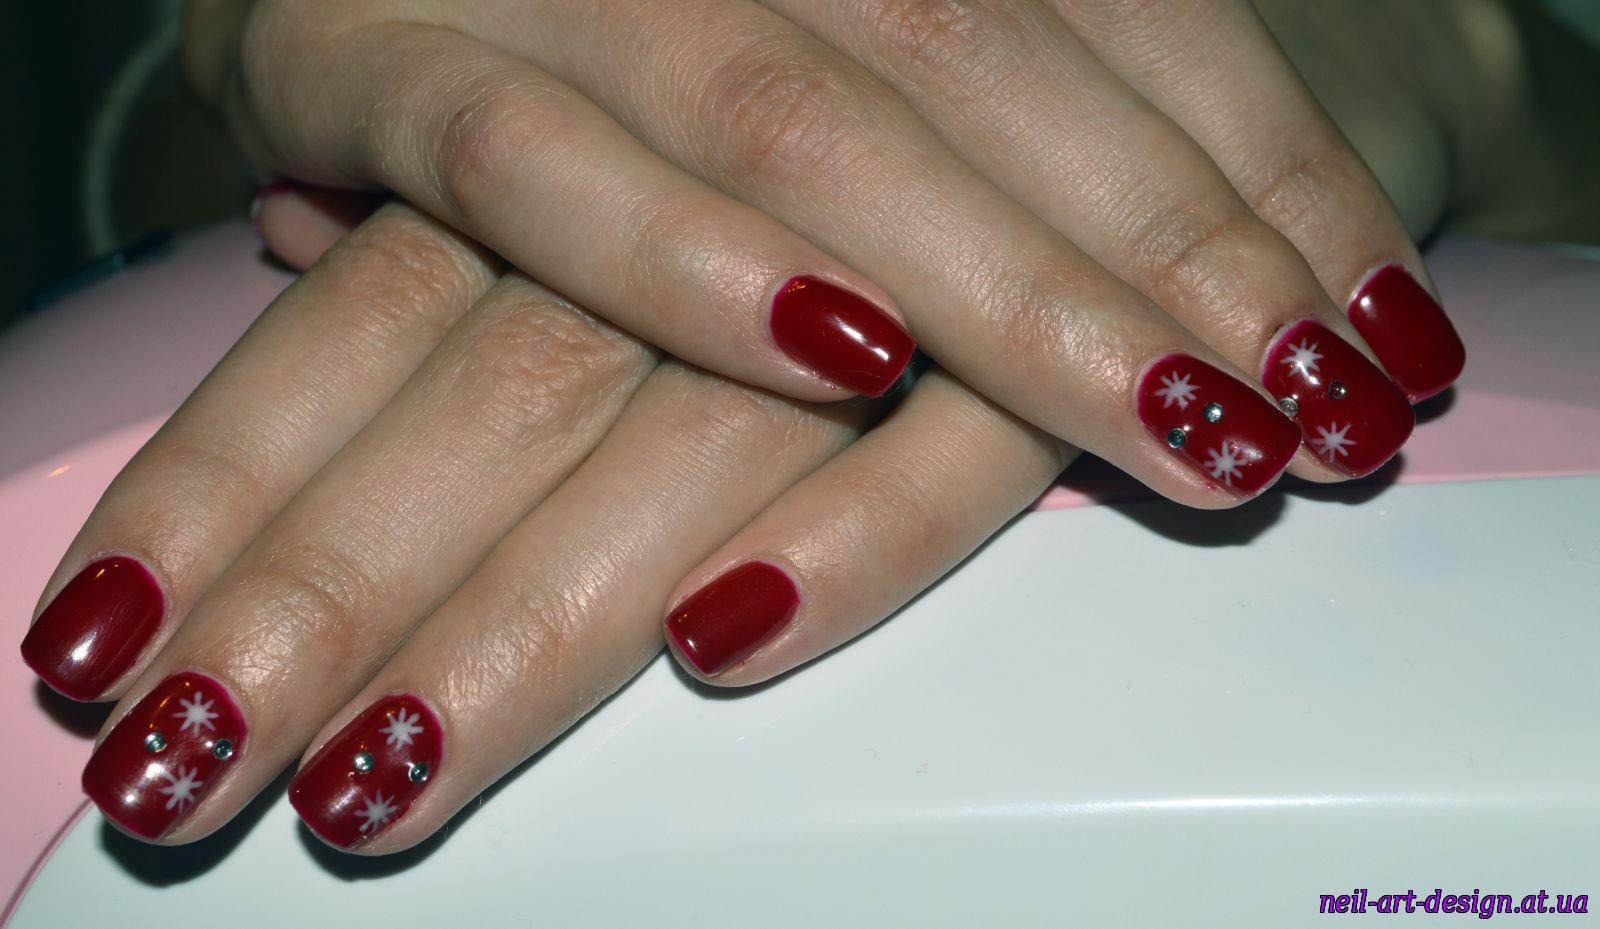 Вишневый маникюр: фото дизайна ногтей вишневого цвета 29